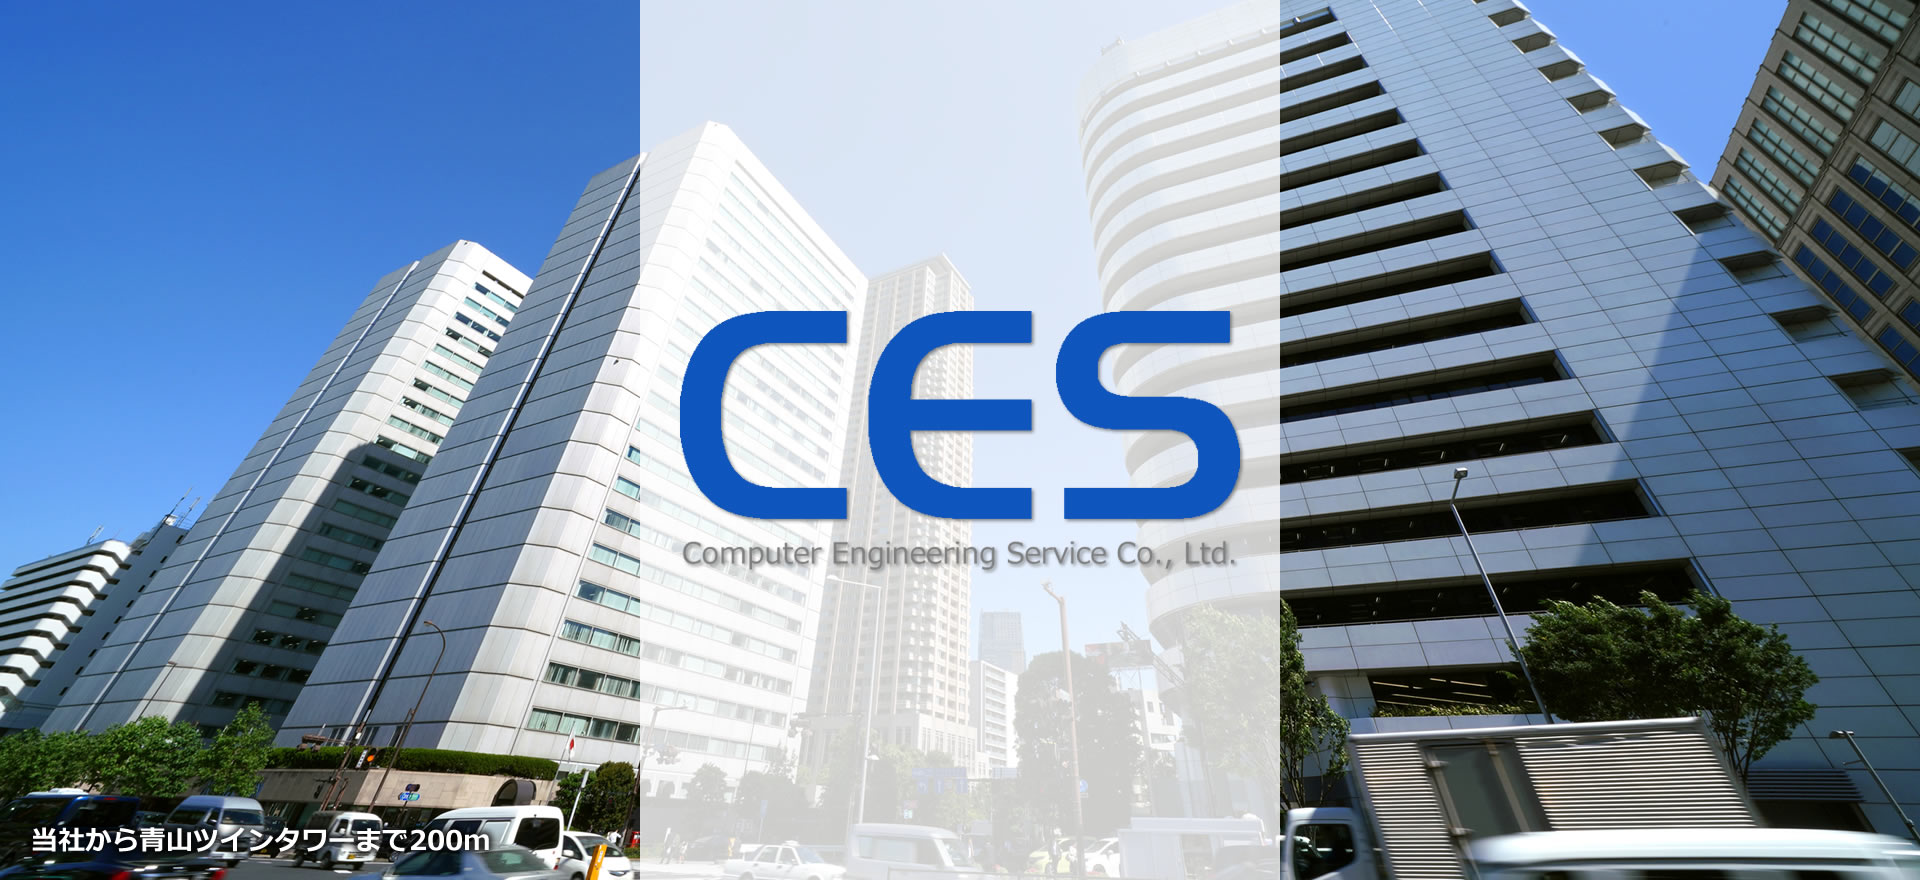 コンピュータエンジニアリングサービス株式会社(CES)/東京都港区南青山/青山一丁目駅/システムインテグレーション(SI)・システムービス、システムプランニング、コンサルティング、基盤構築、業務アプリケーション開発、ソフトウエアパッケージ開発、情報セキュリティ、事務系システム、システム制御系システム、OS・DBセットアップおよびチューニング、ネットワーク設計、web系システム、オープン系システム、COBOL系システム/官公庁、金融会社、証券会社